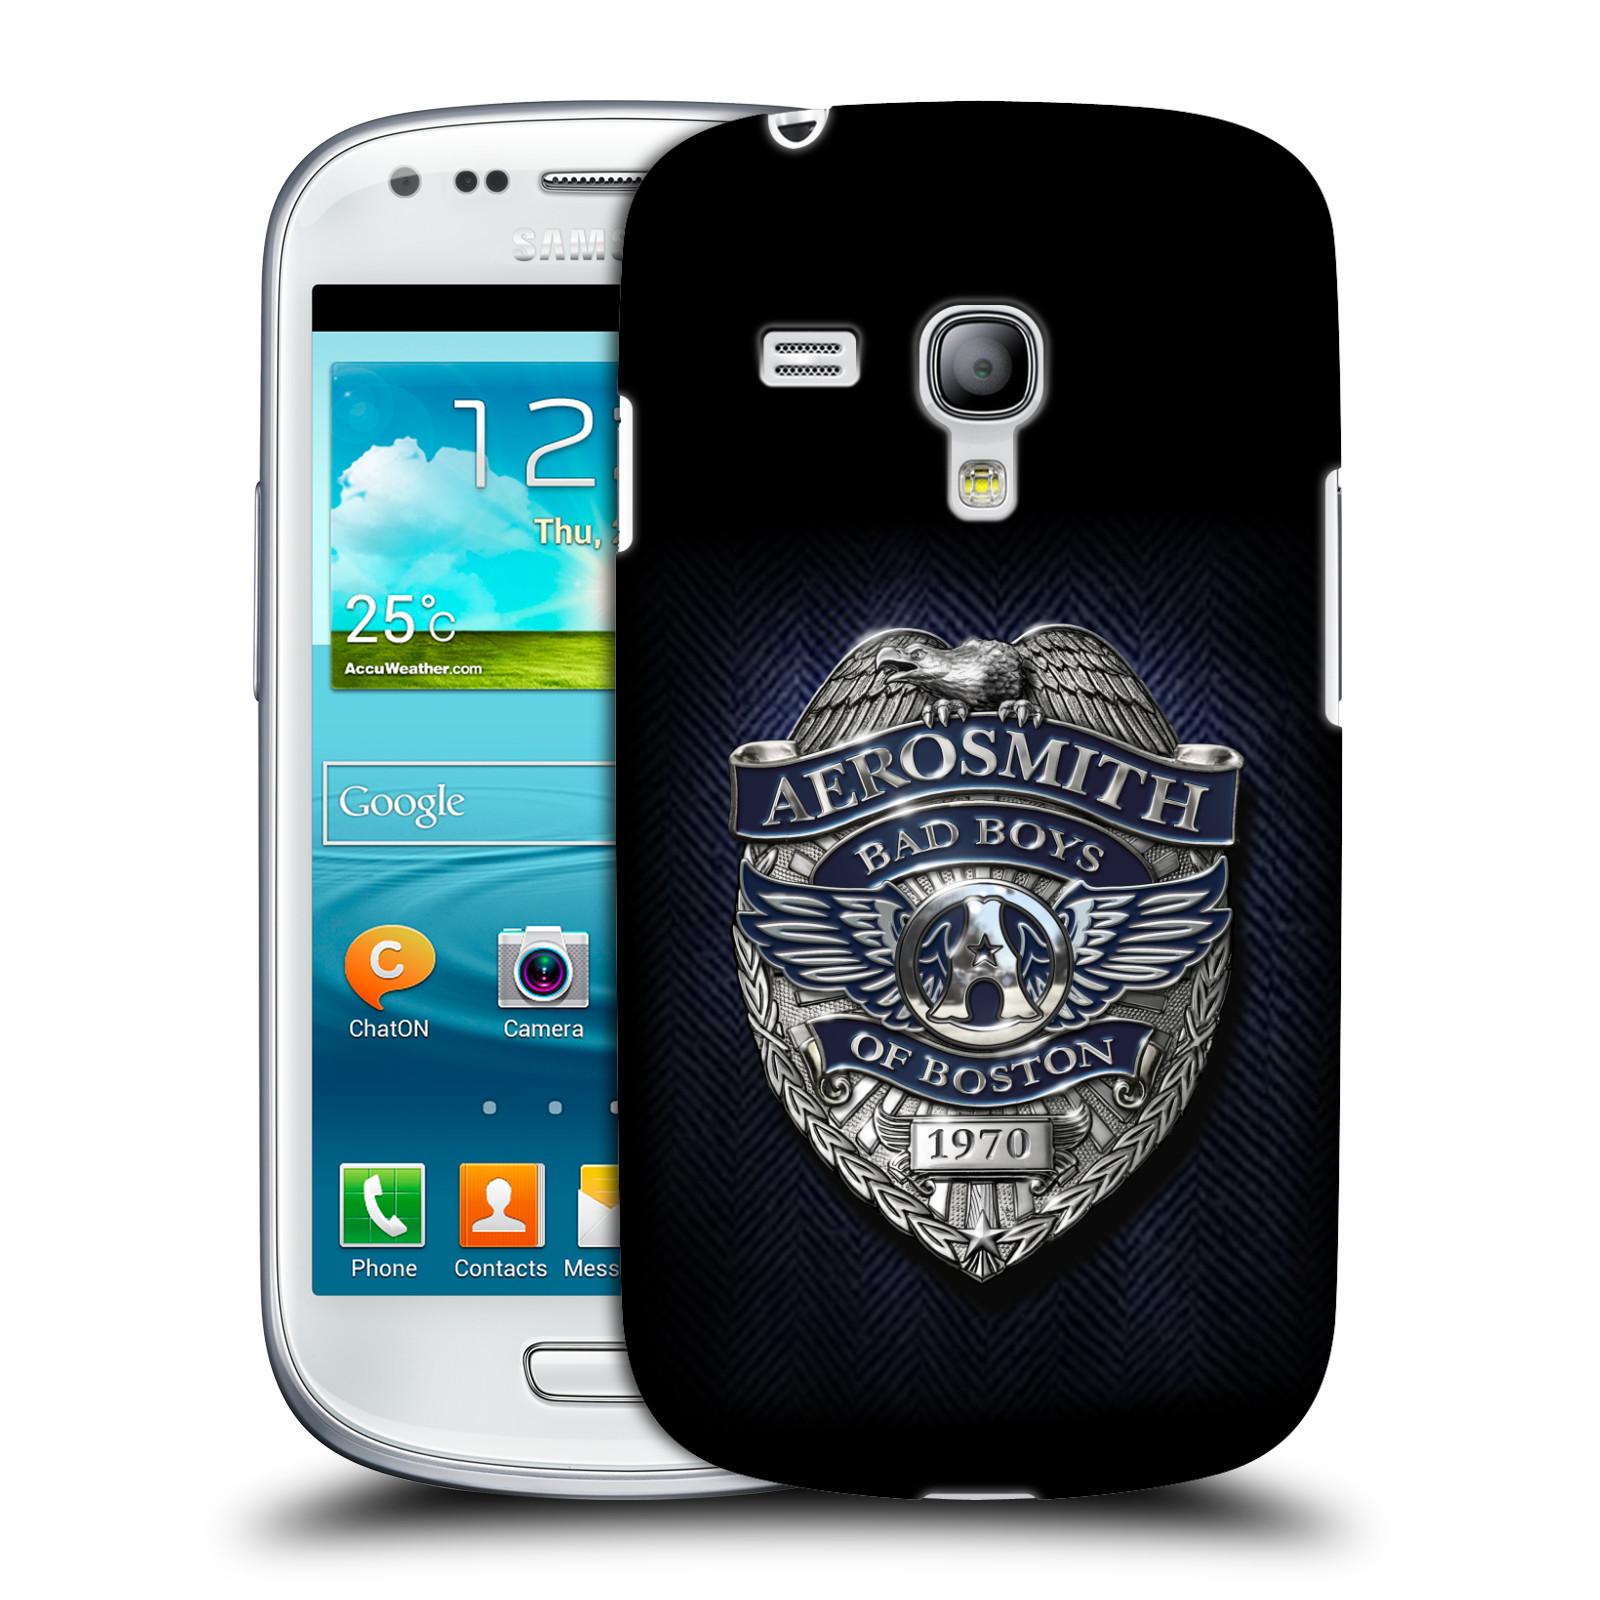 Silikonové pouzdro na mobil Samsung Galaxy S III Mini VE HEAD CASE - Aerosmith - Bad Boys of Boston (Plastový kryt či obal na mobilní telefon s licencovaným motivem Aerosmith pro Samsung Galaxy S3 Mini VE GT-i8200)